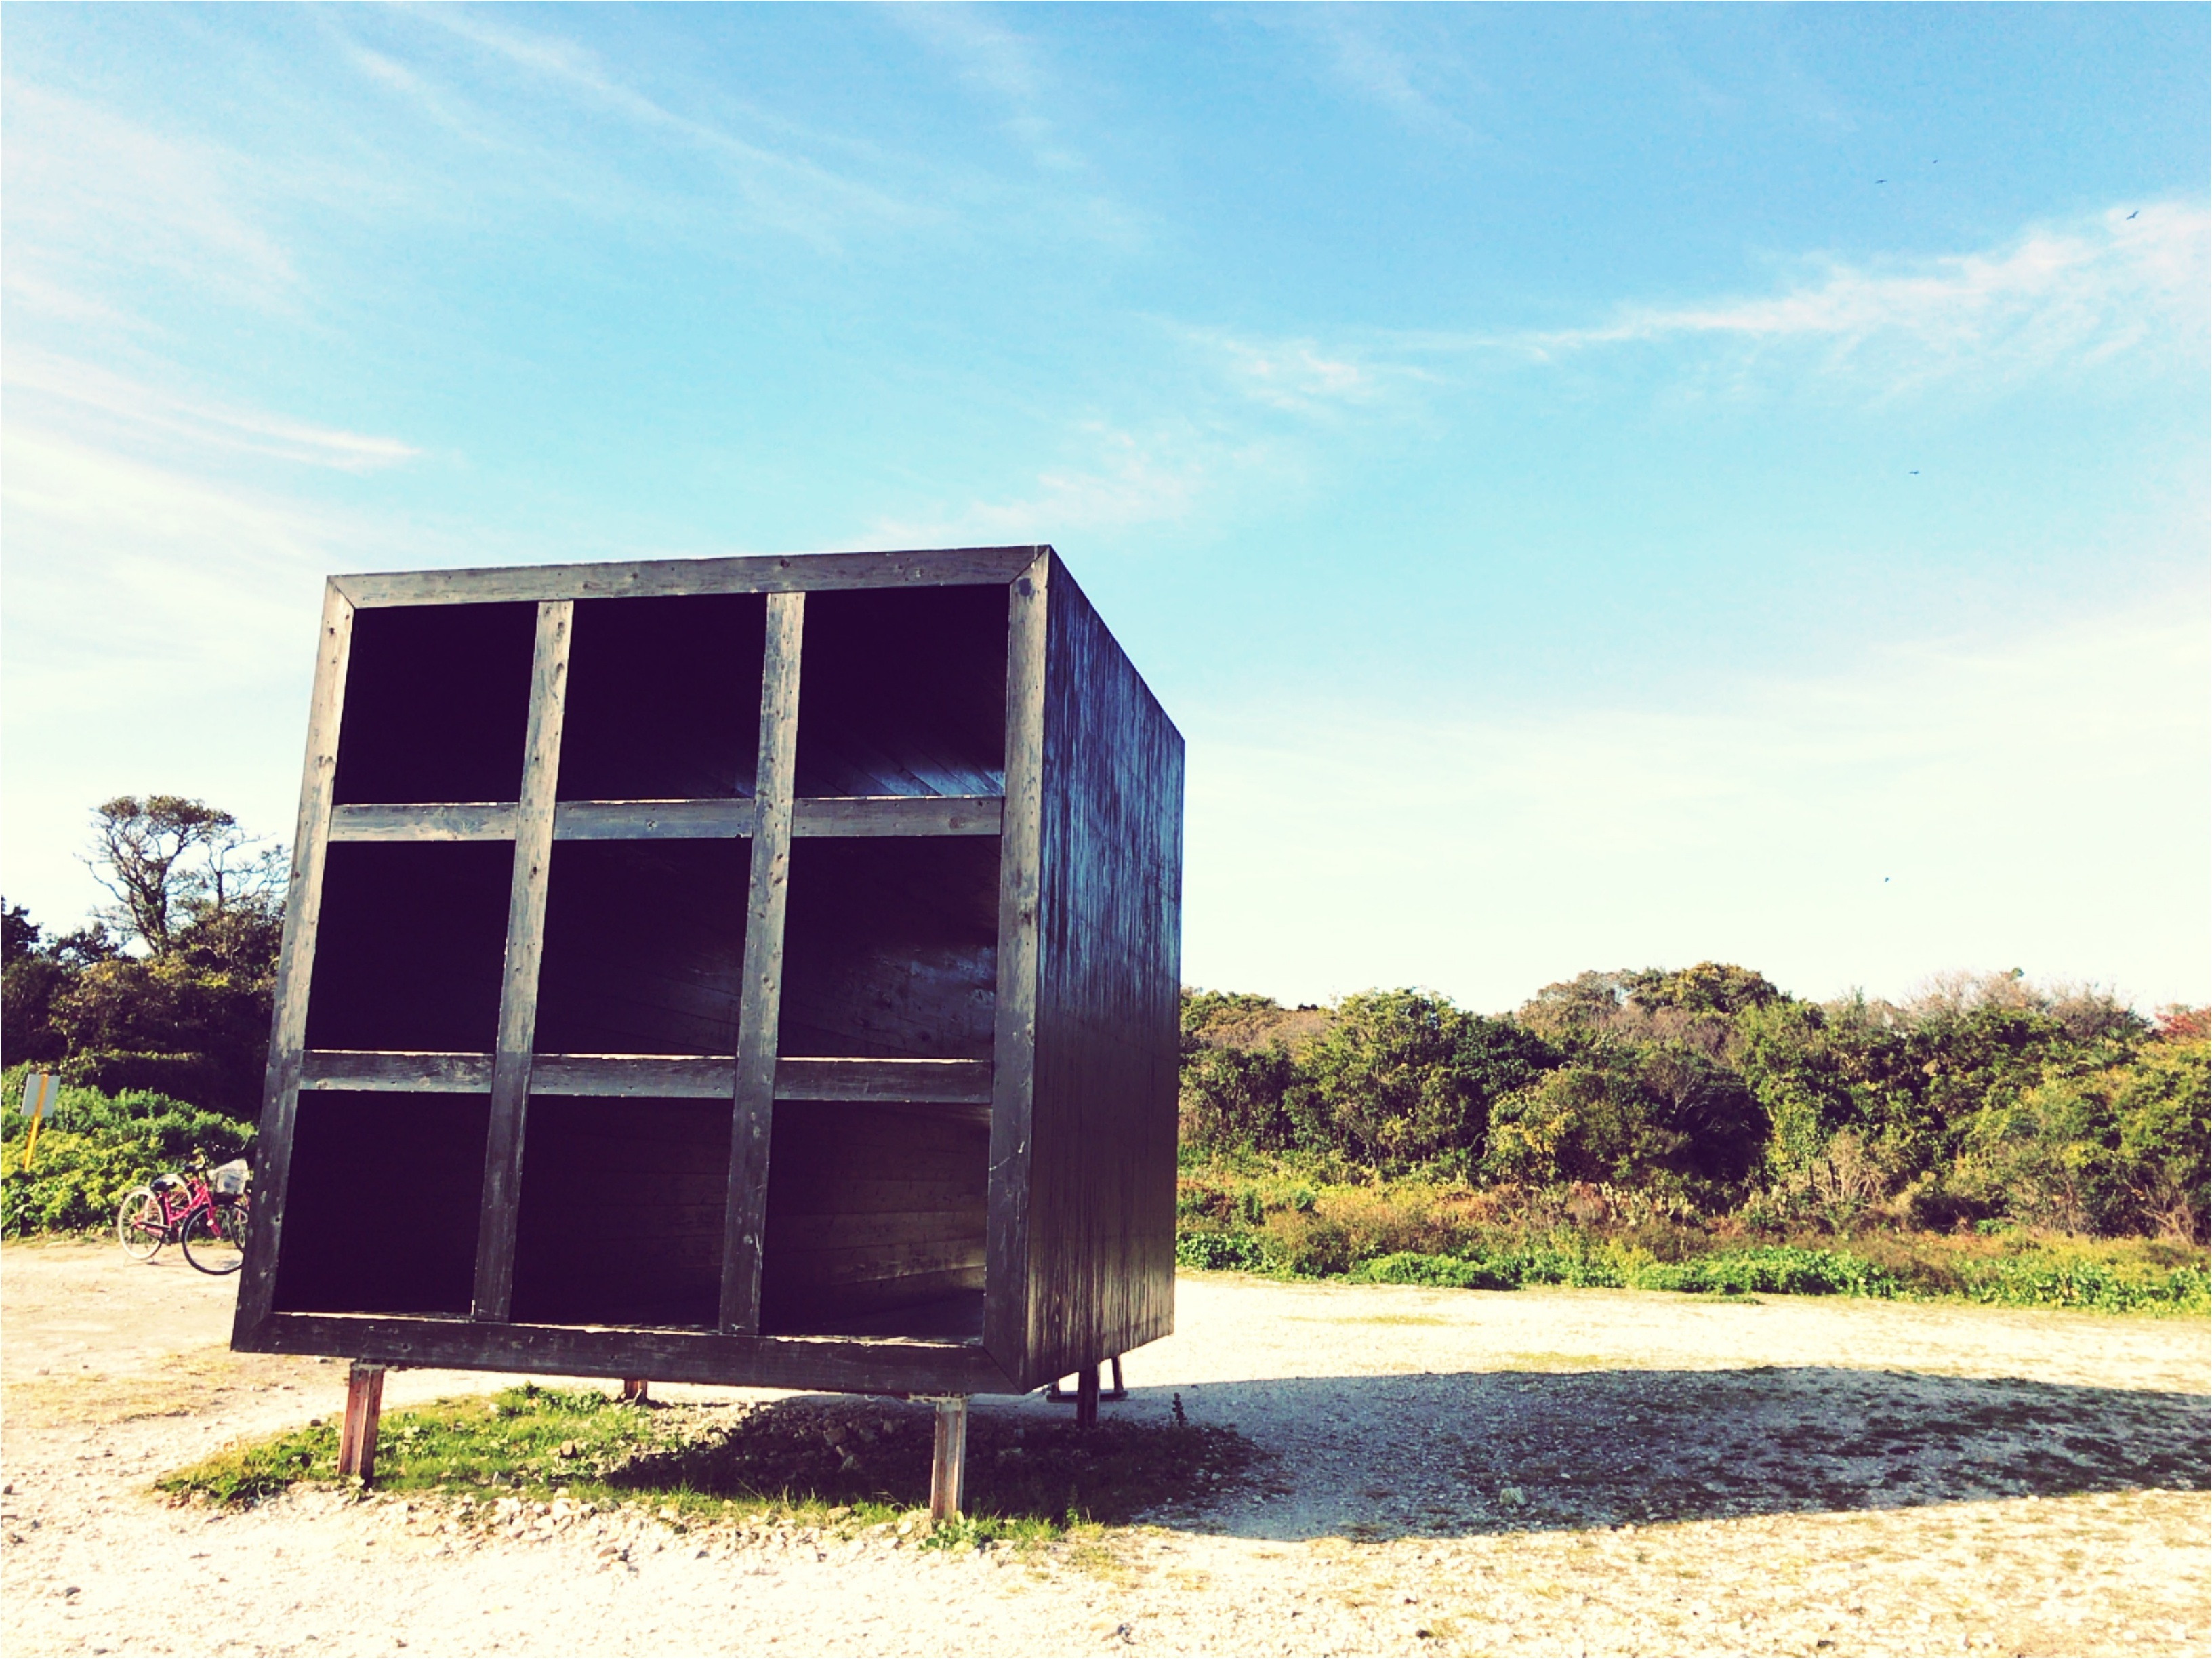 アートの島、佐久島でゆったりお散歩アート_2